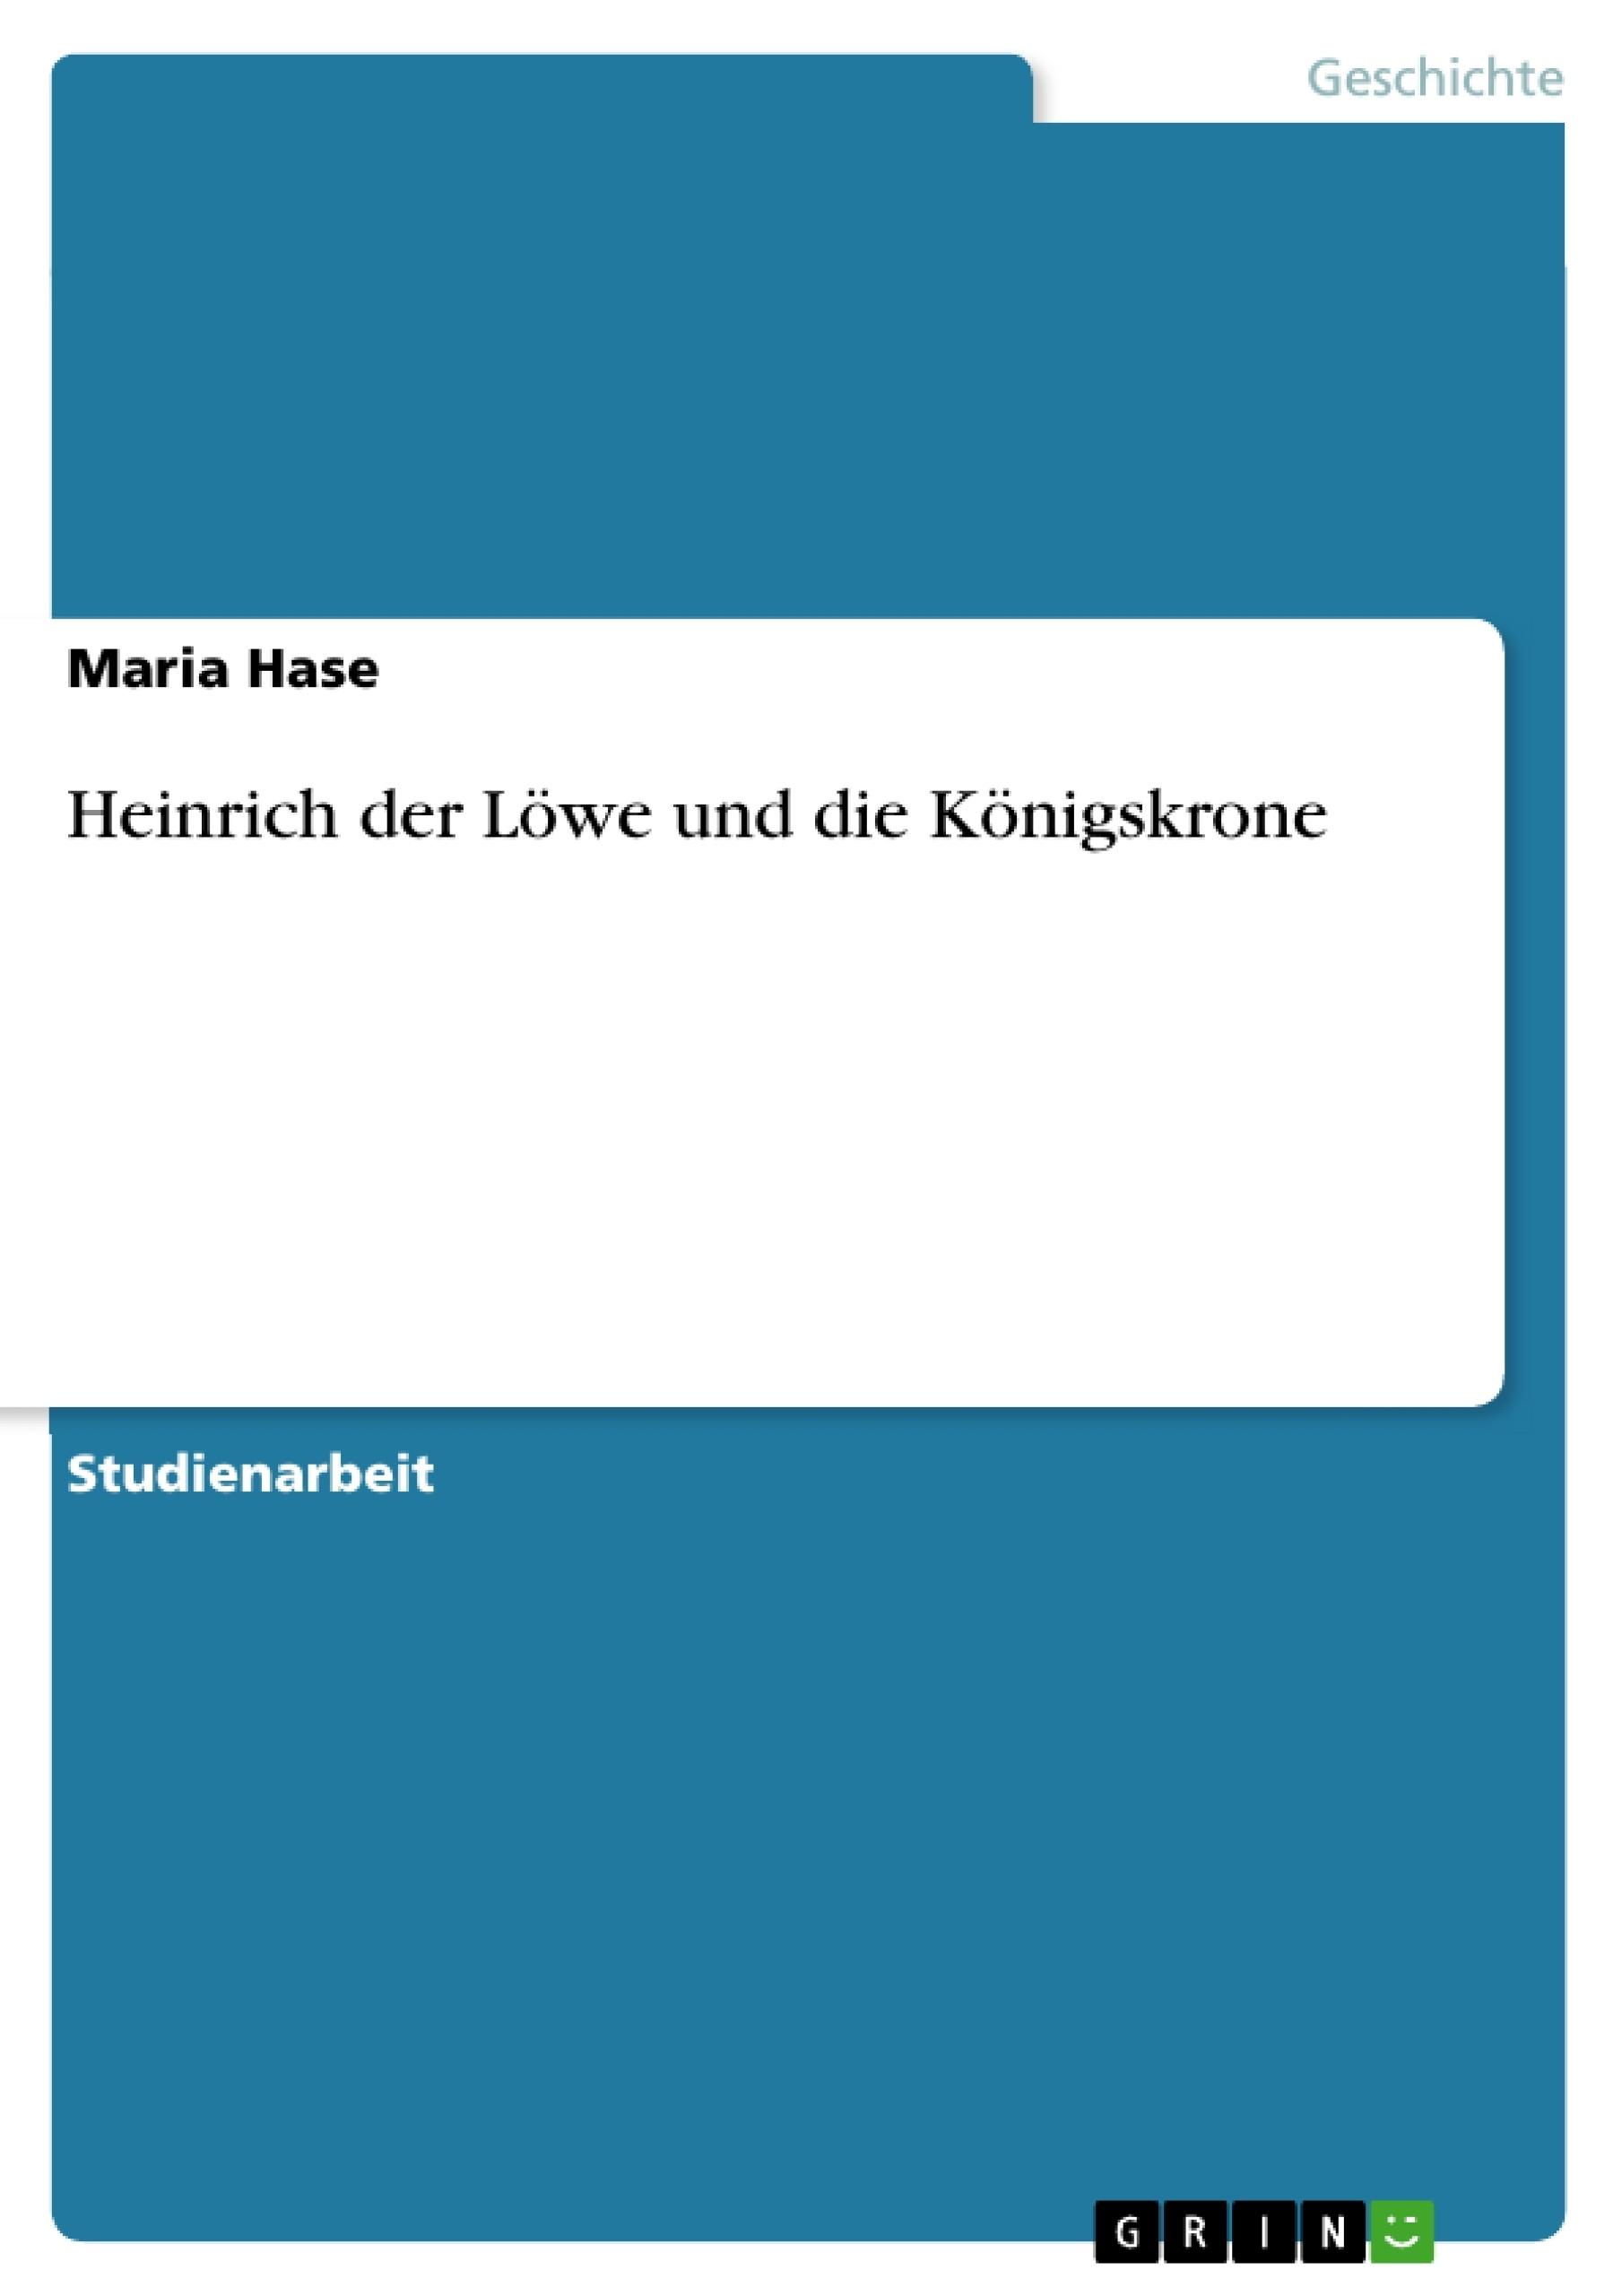 Titel: Heinrich der Löwe und die Königskrone